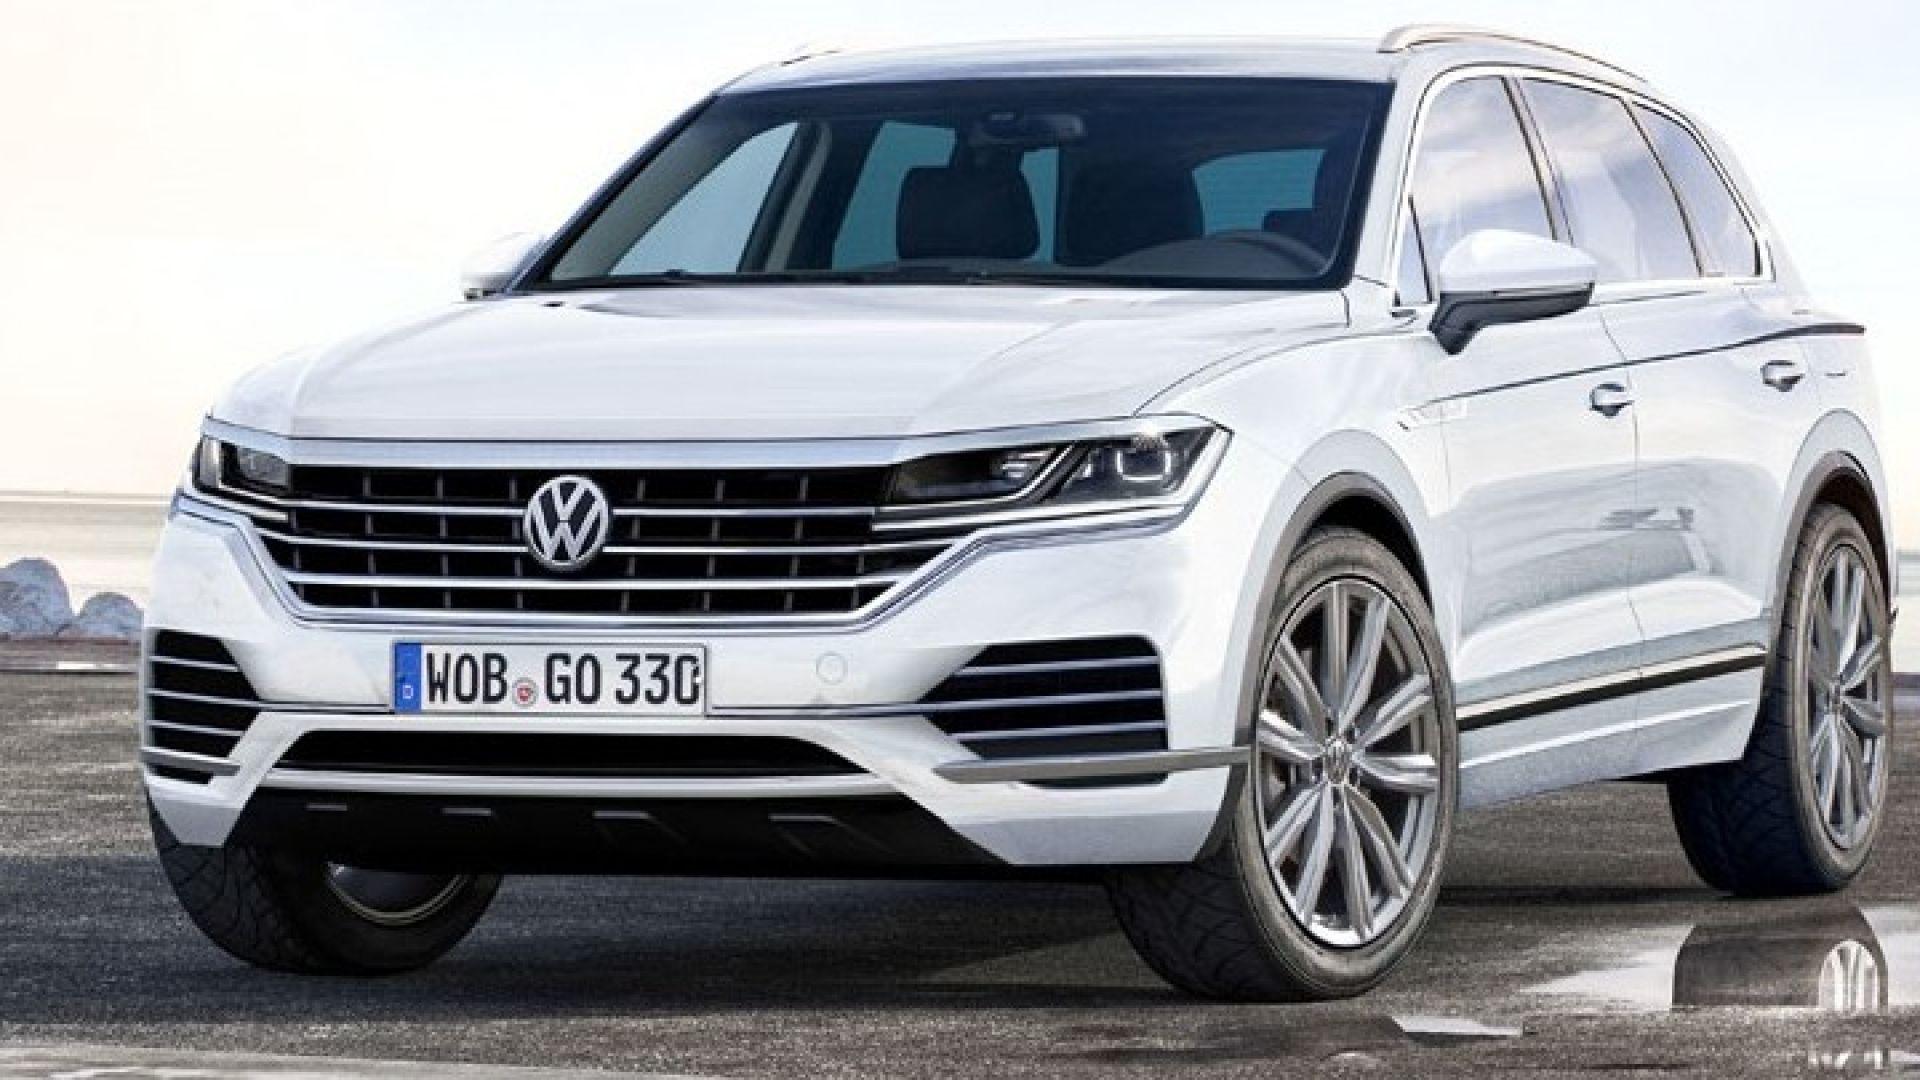 Nuova Volkswagen Touareg 2018: la prima uscita sarà entro fine anno - MotorBox